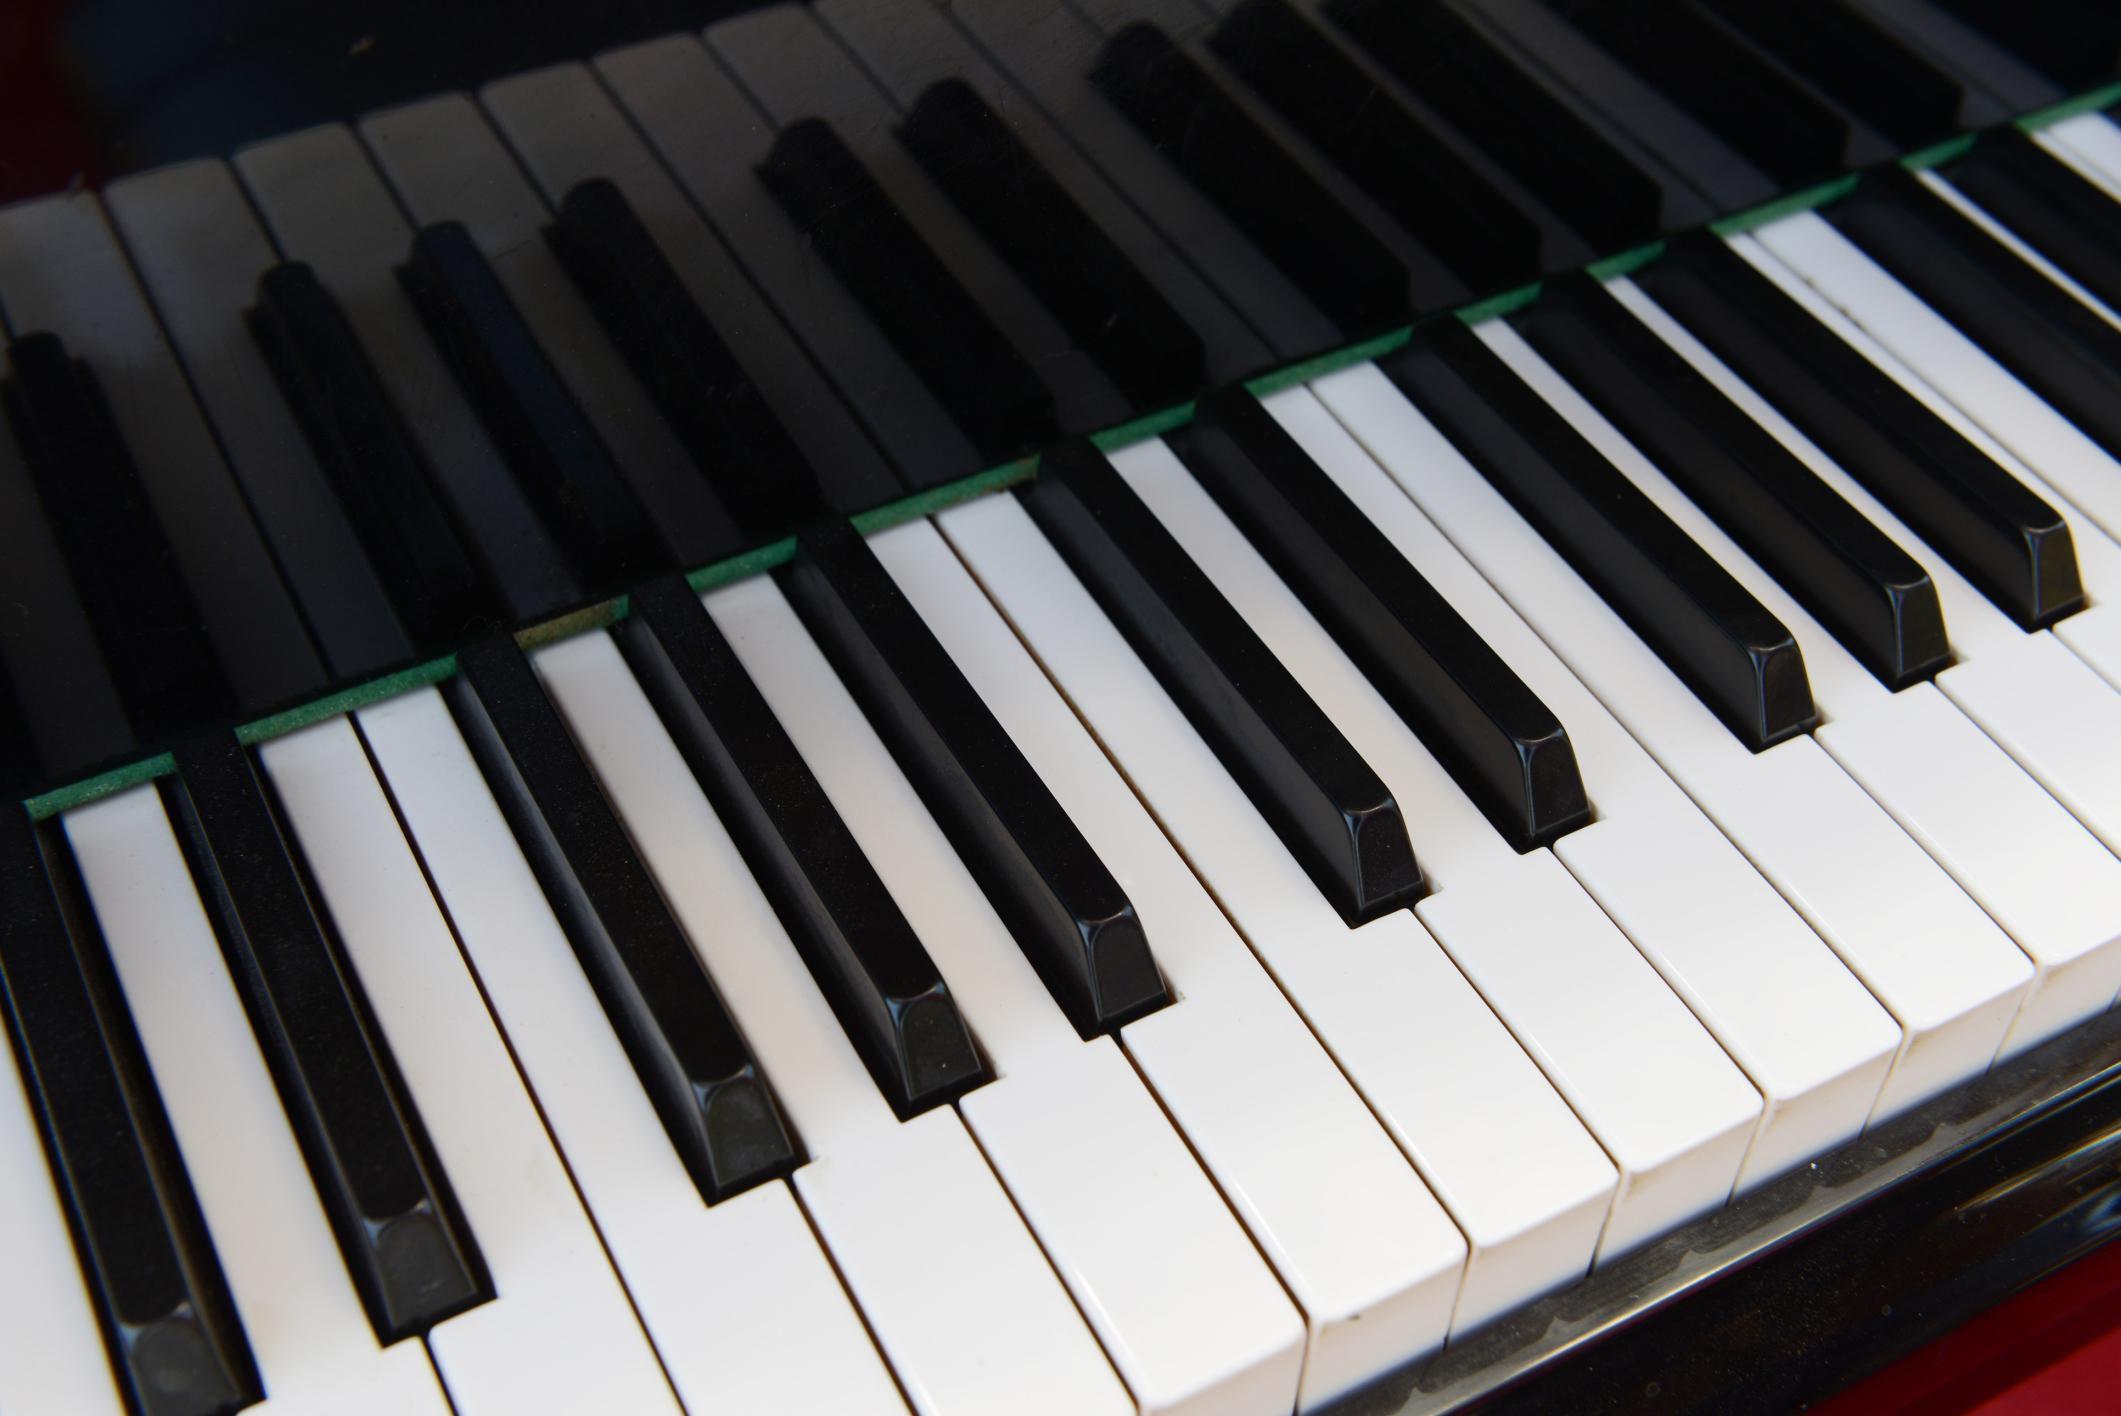 piano 0956a72e8d5f9b58b7d0e7a66d